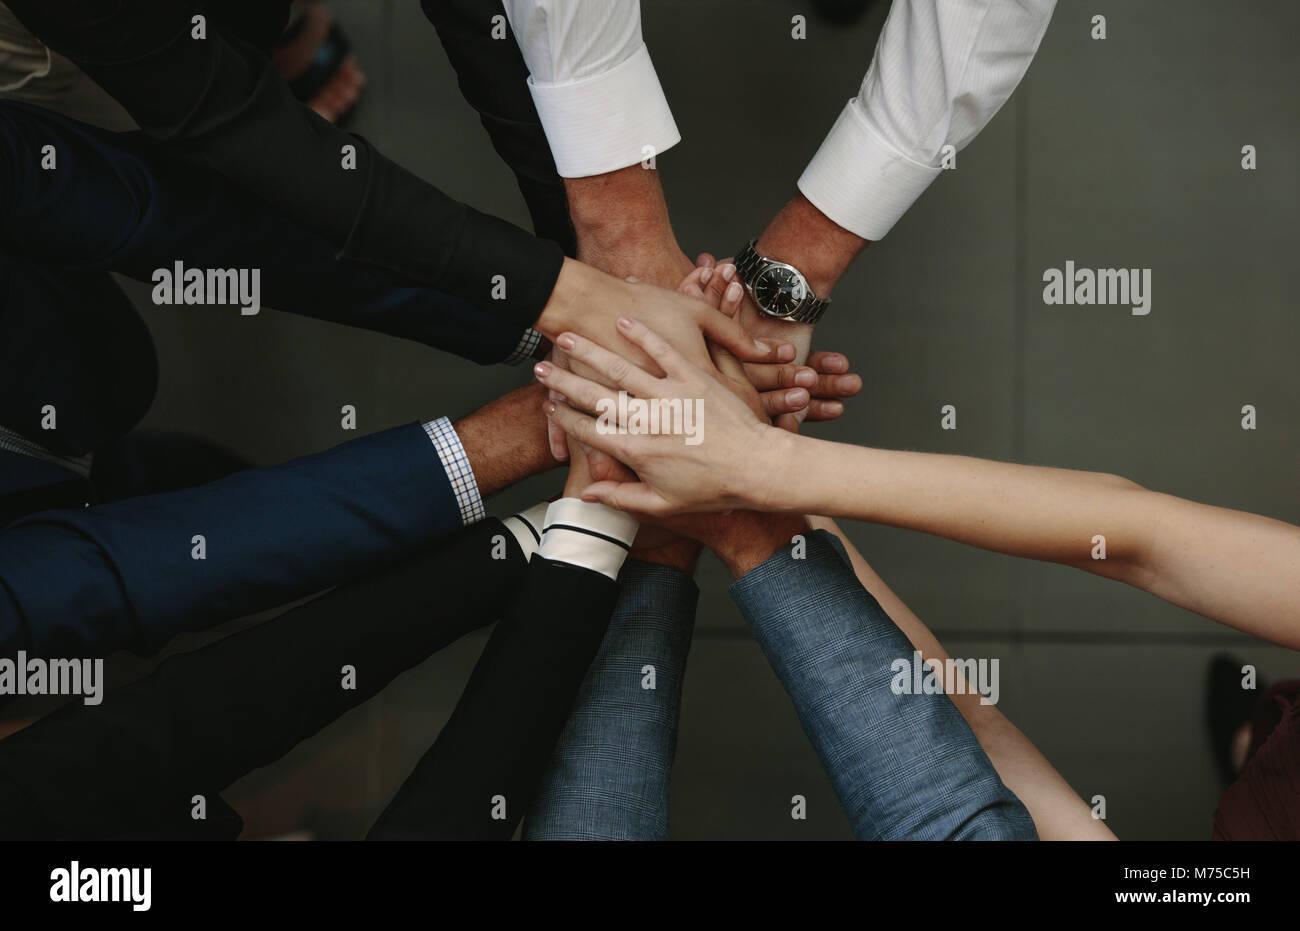 Teamarbeit und Zusammenarbeit Konzept. Geschäftsleute in Hand Einheit angezeigt. Stockbild